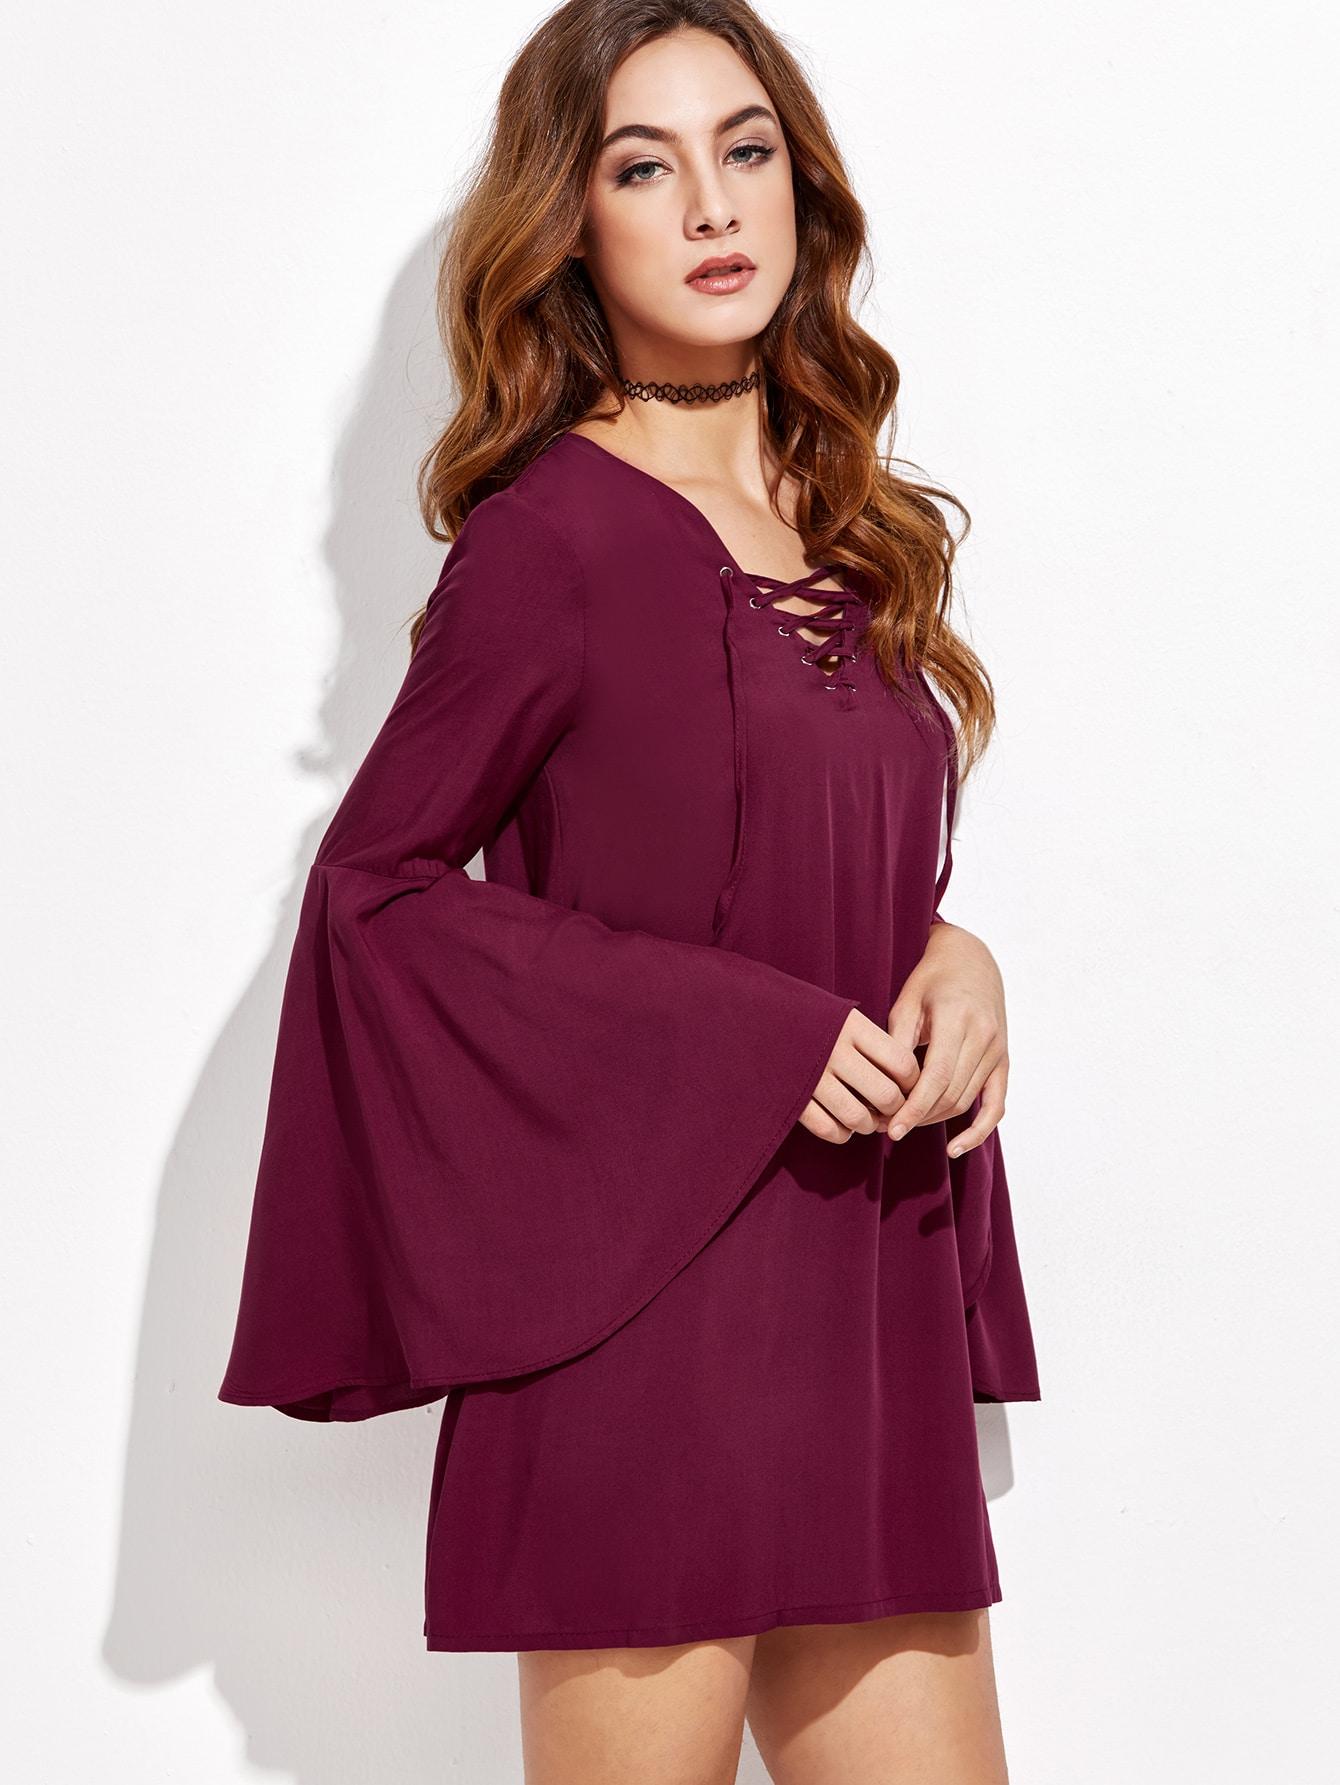 dress160930007_2